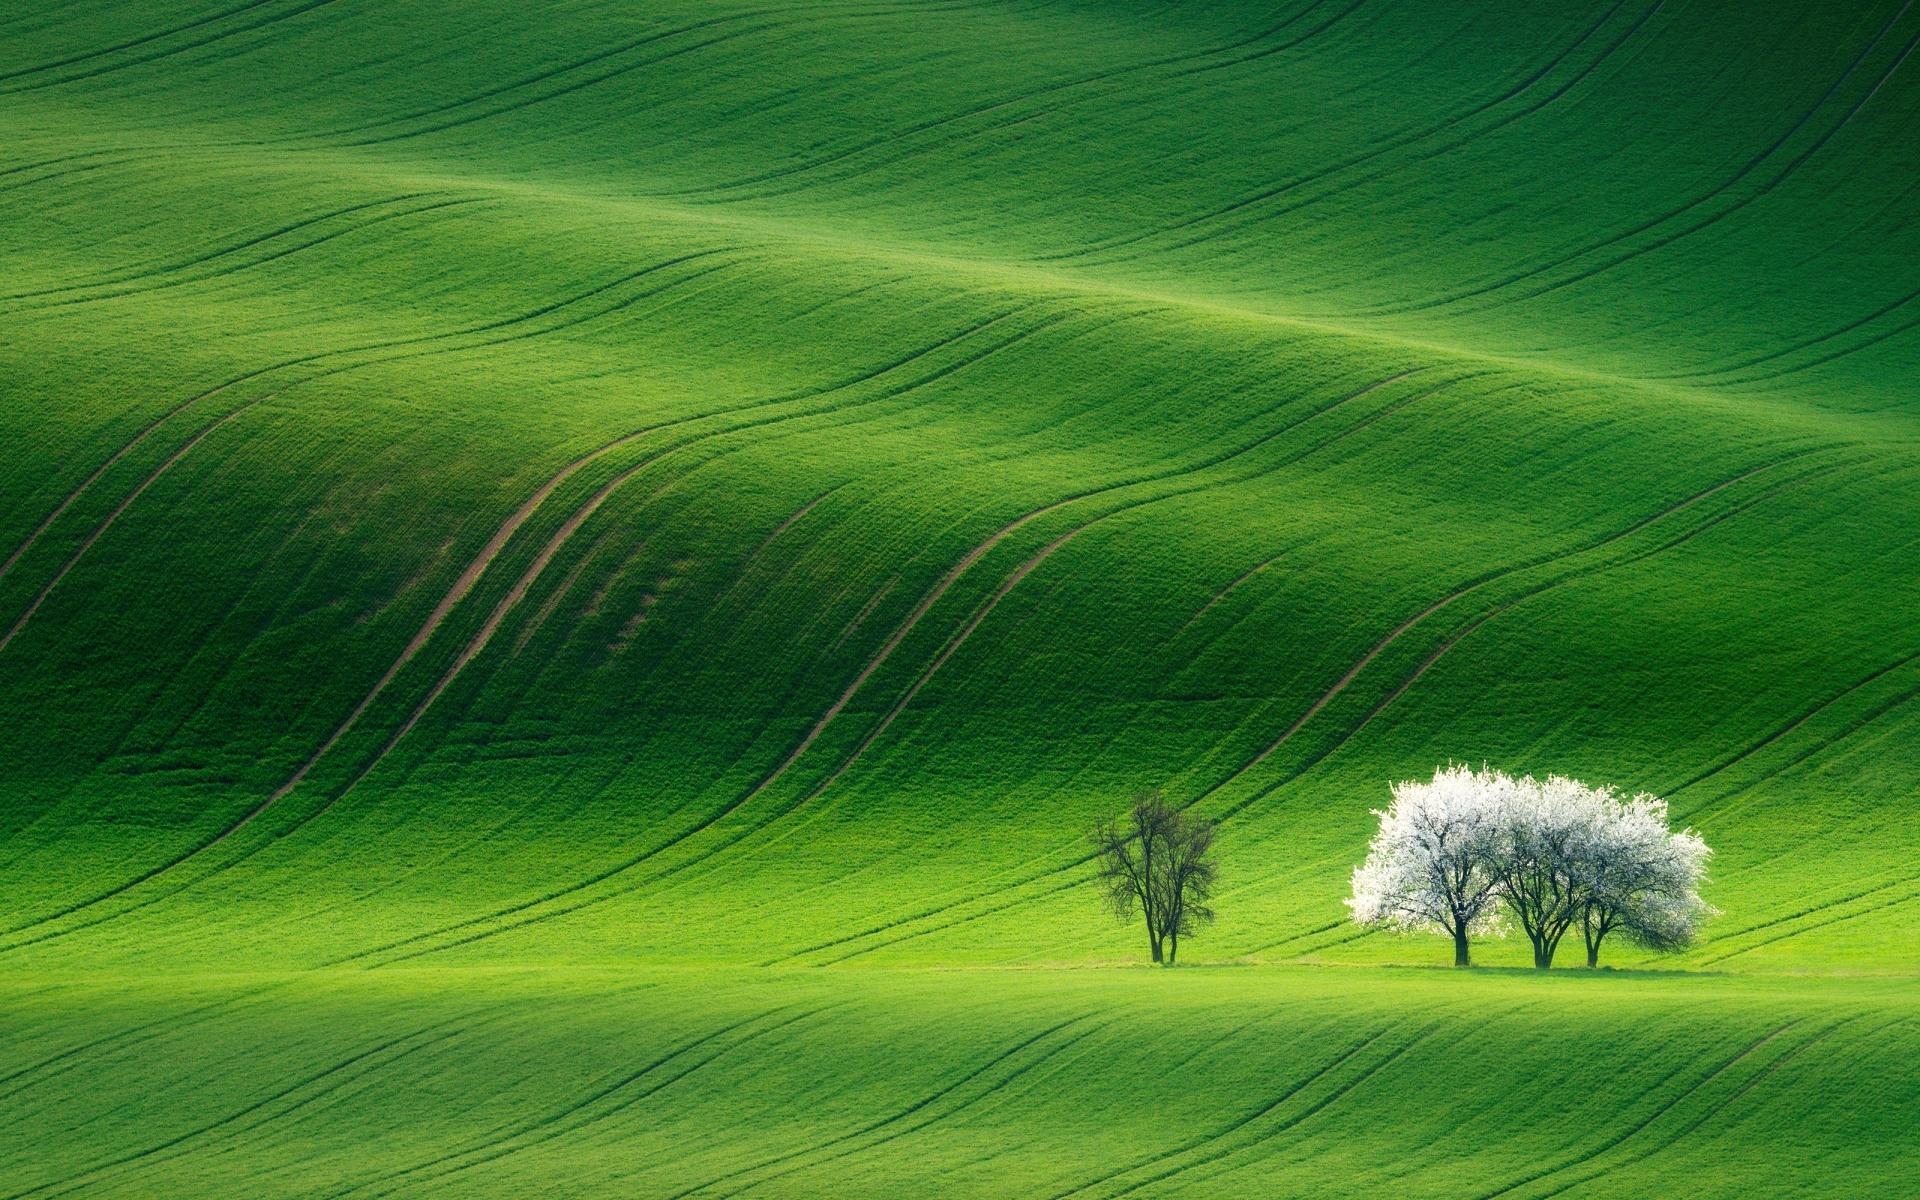 Grassland 4k Wallpaper Green Landscape Summer Stock Nature 1167